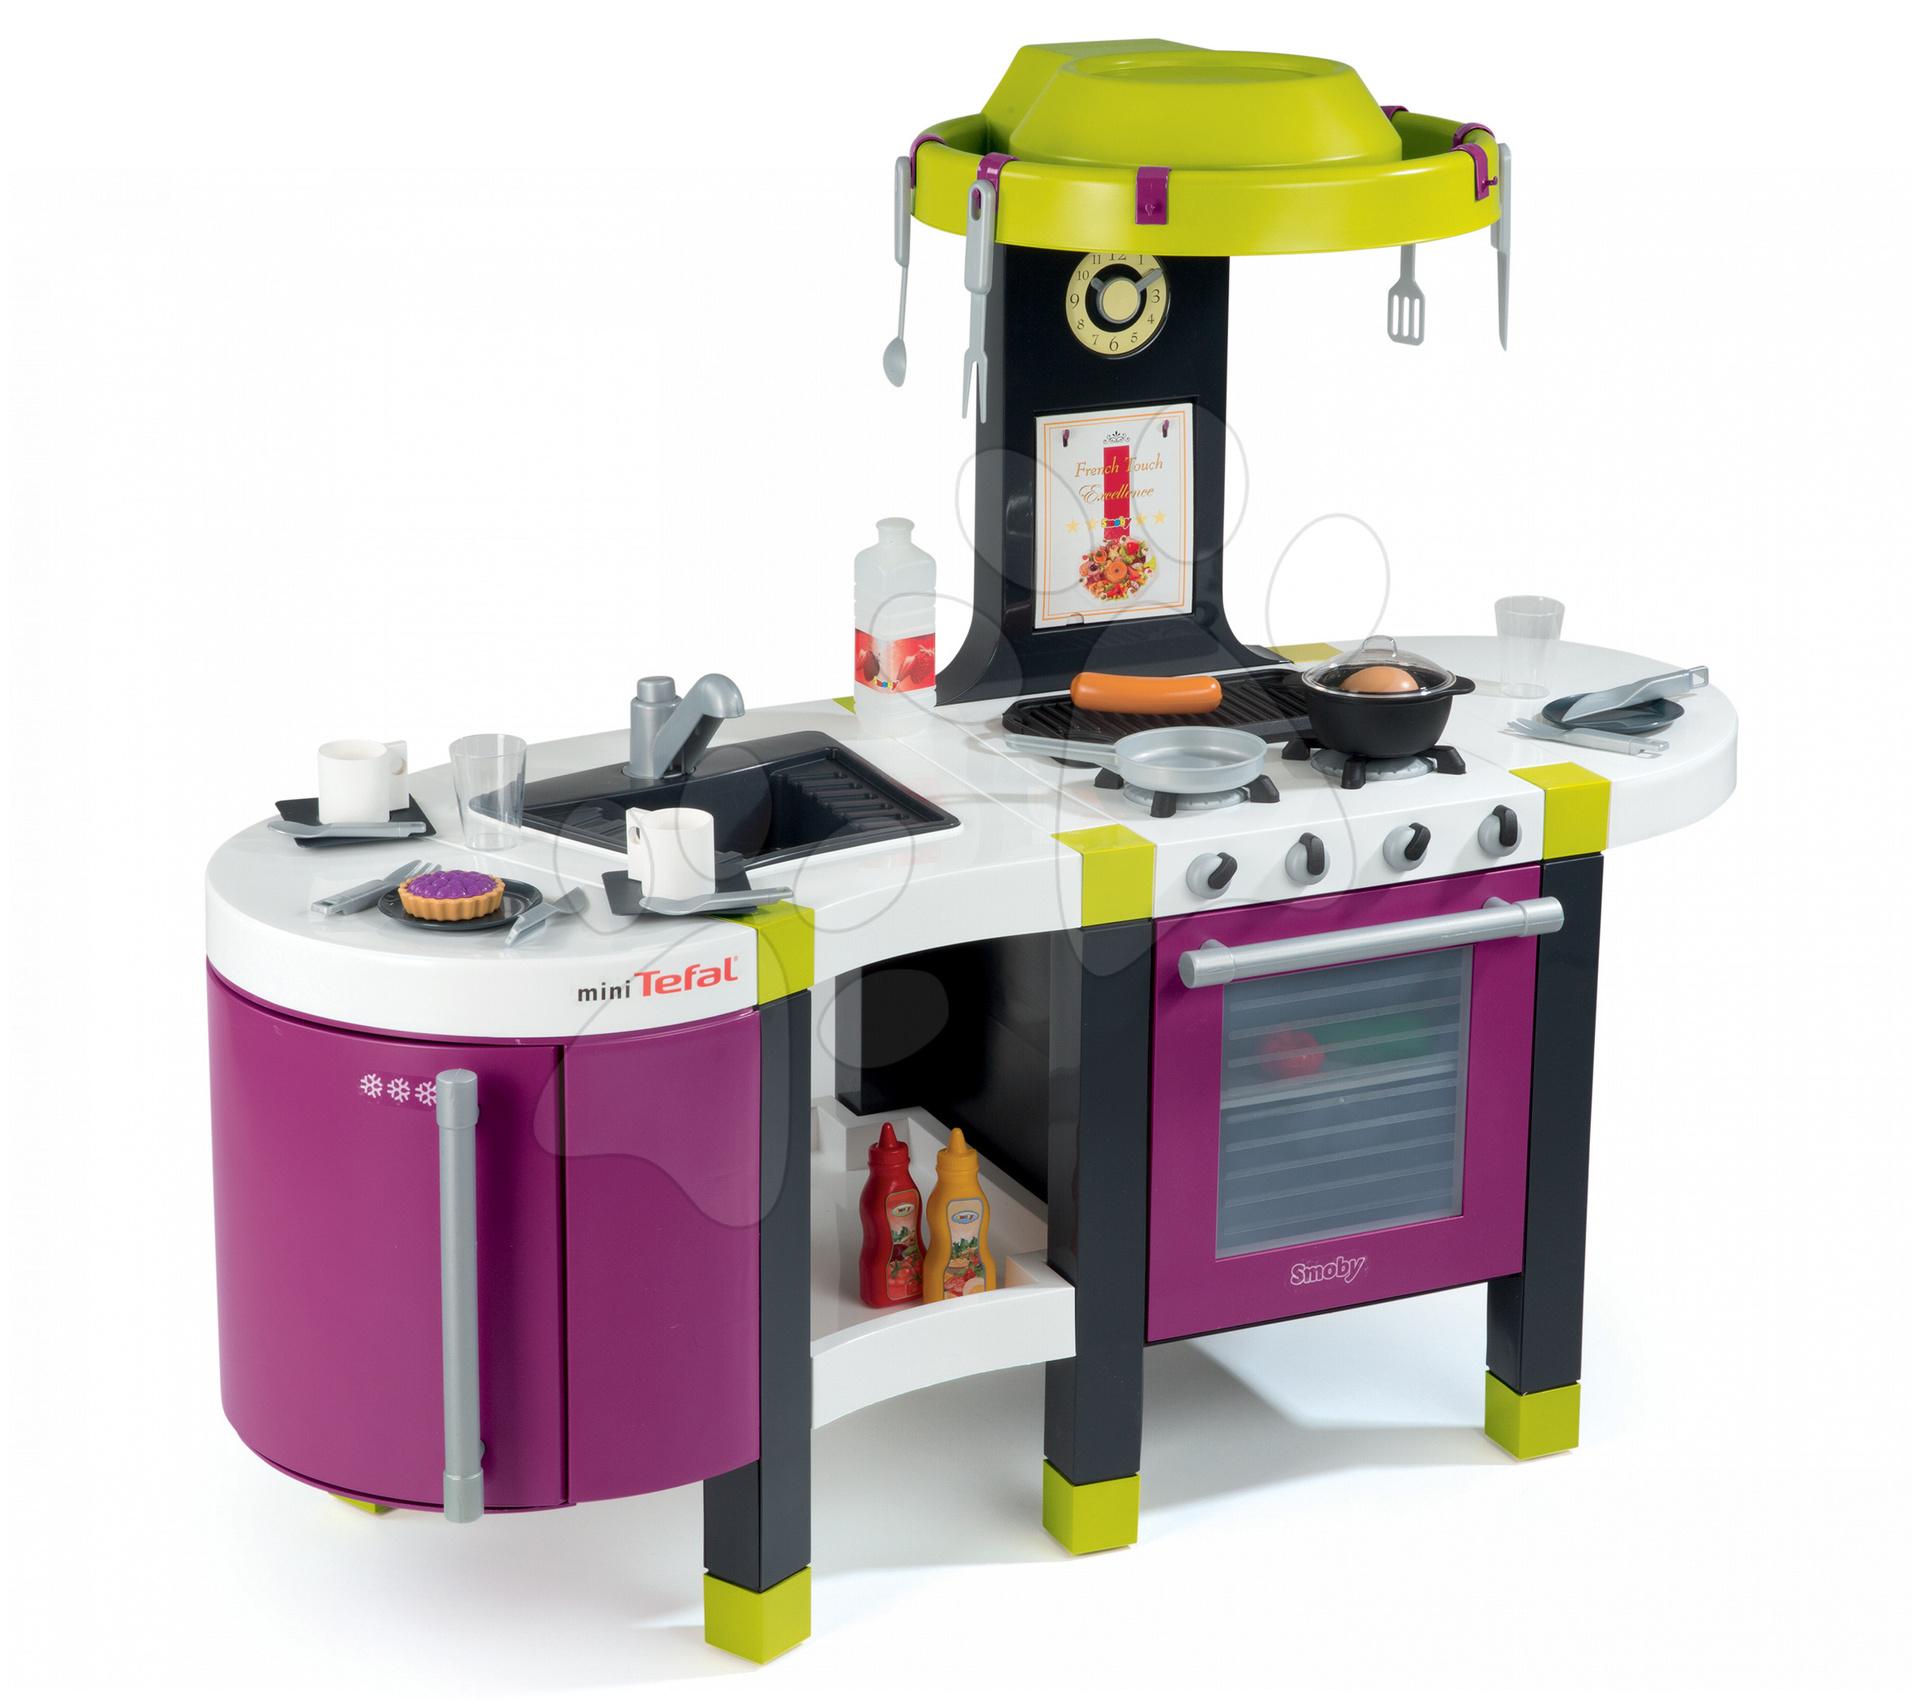 Kuchyňka French Touch Tefal Smoby elektronická se zvuky, s lednicí a 30 doplňky fialová